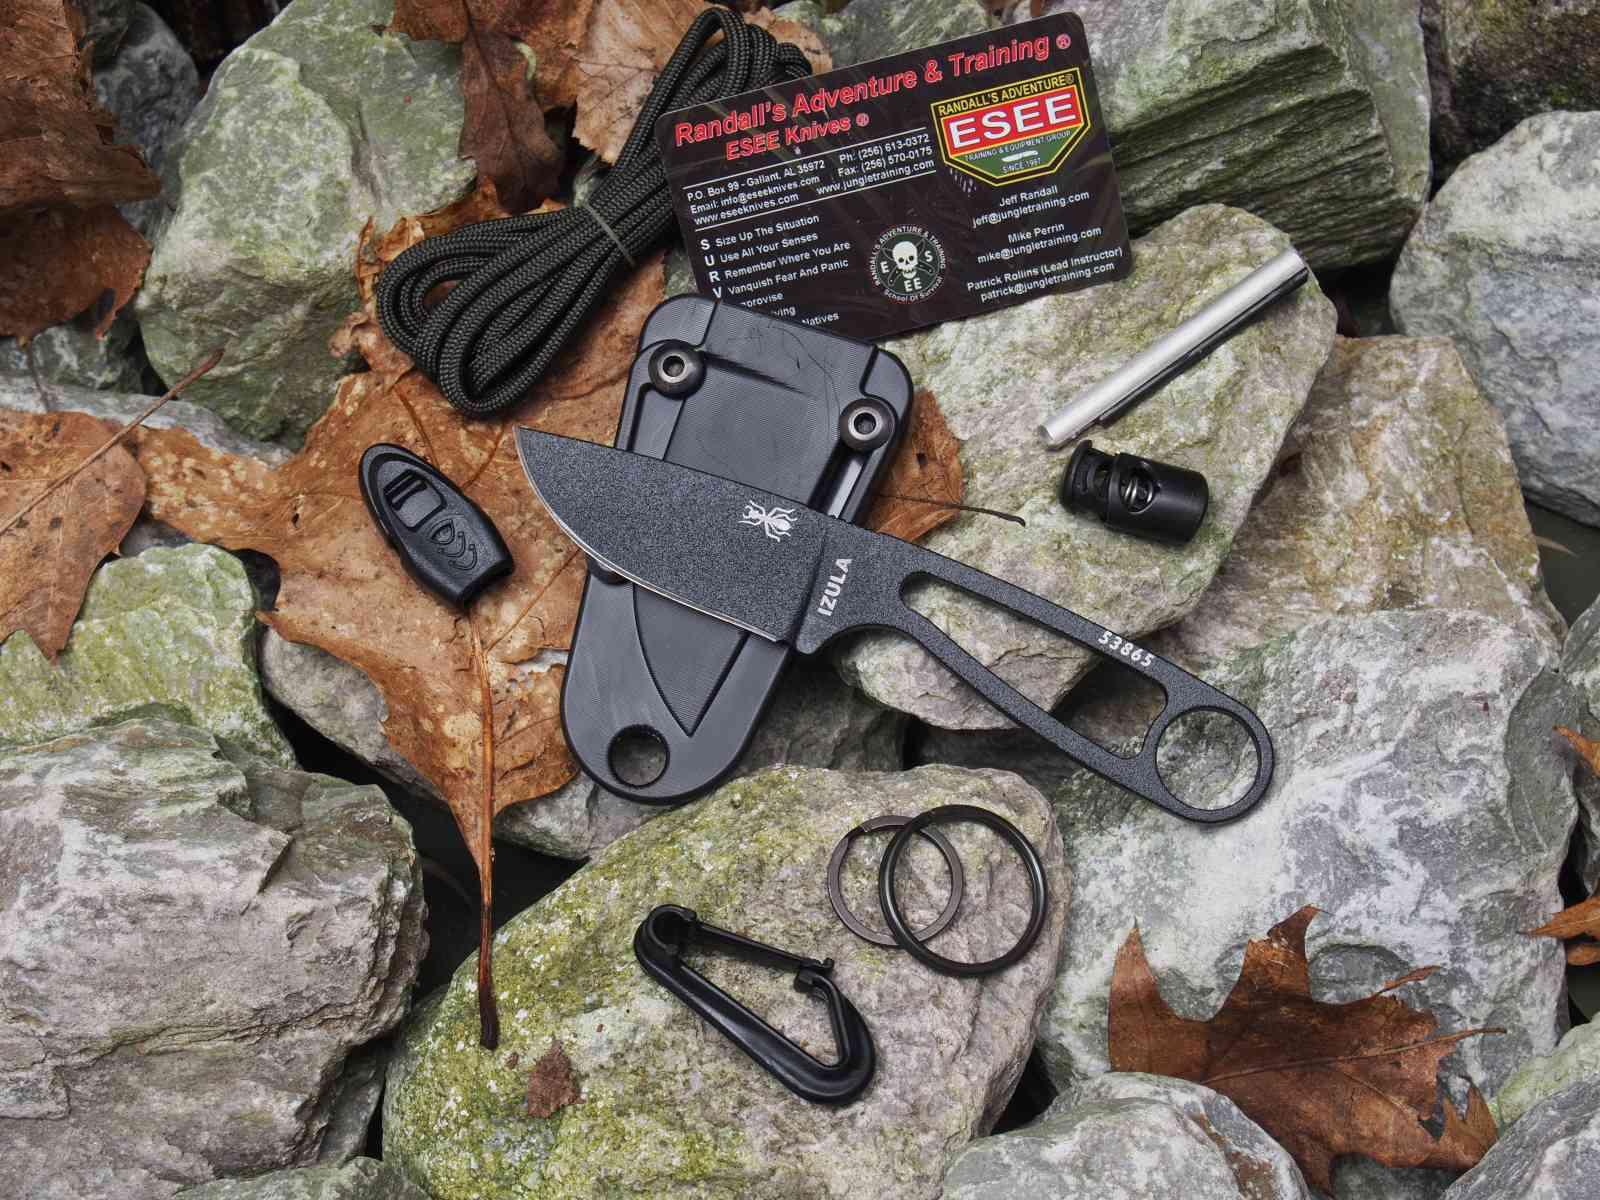 ESEE Izula mit Survival-Kit